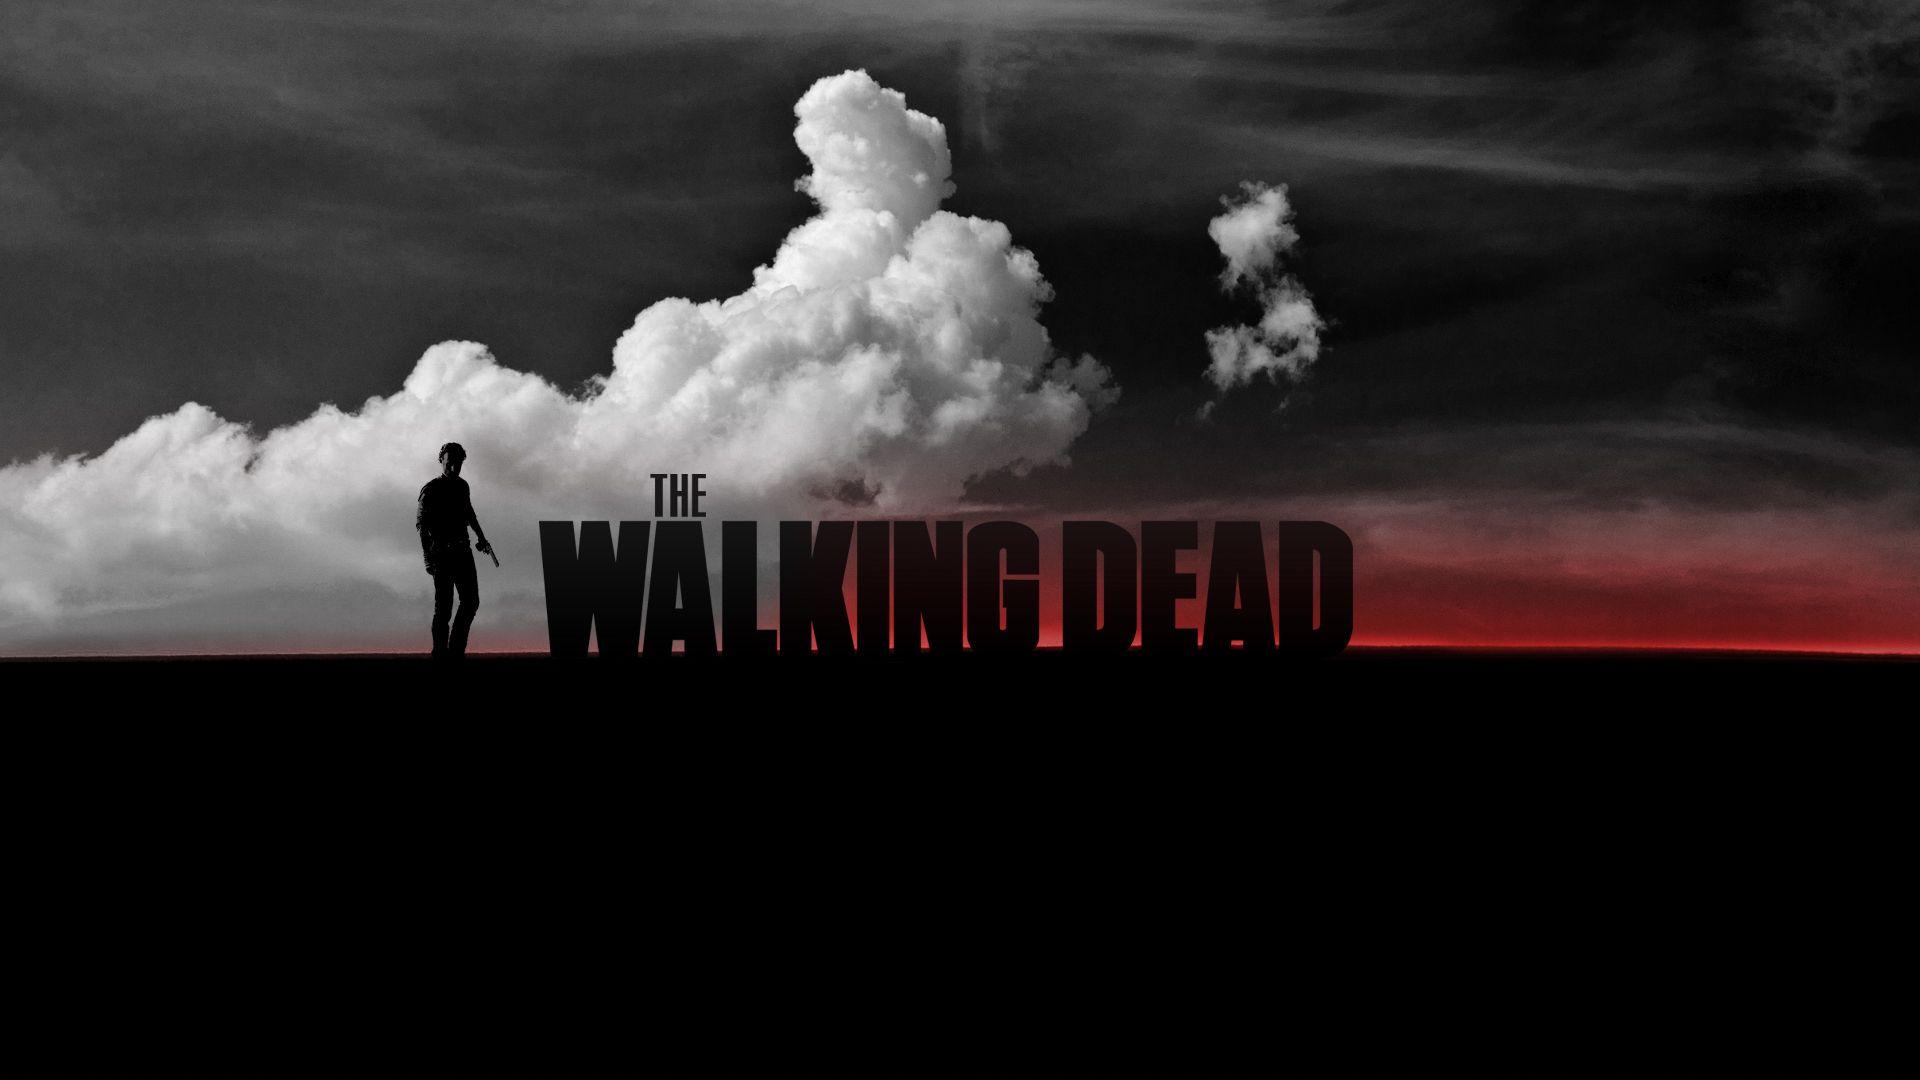 The Walking Dead Wallpaper 1920x1080